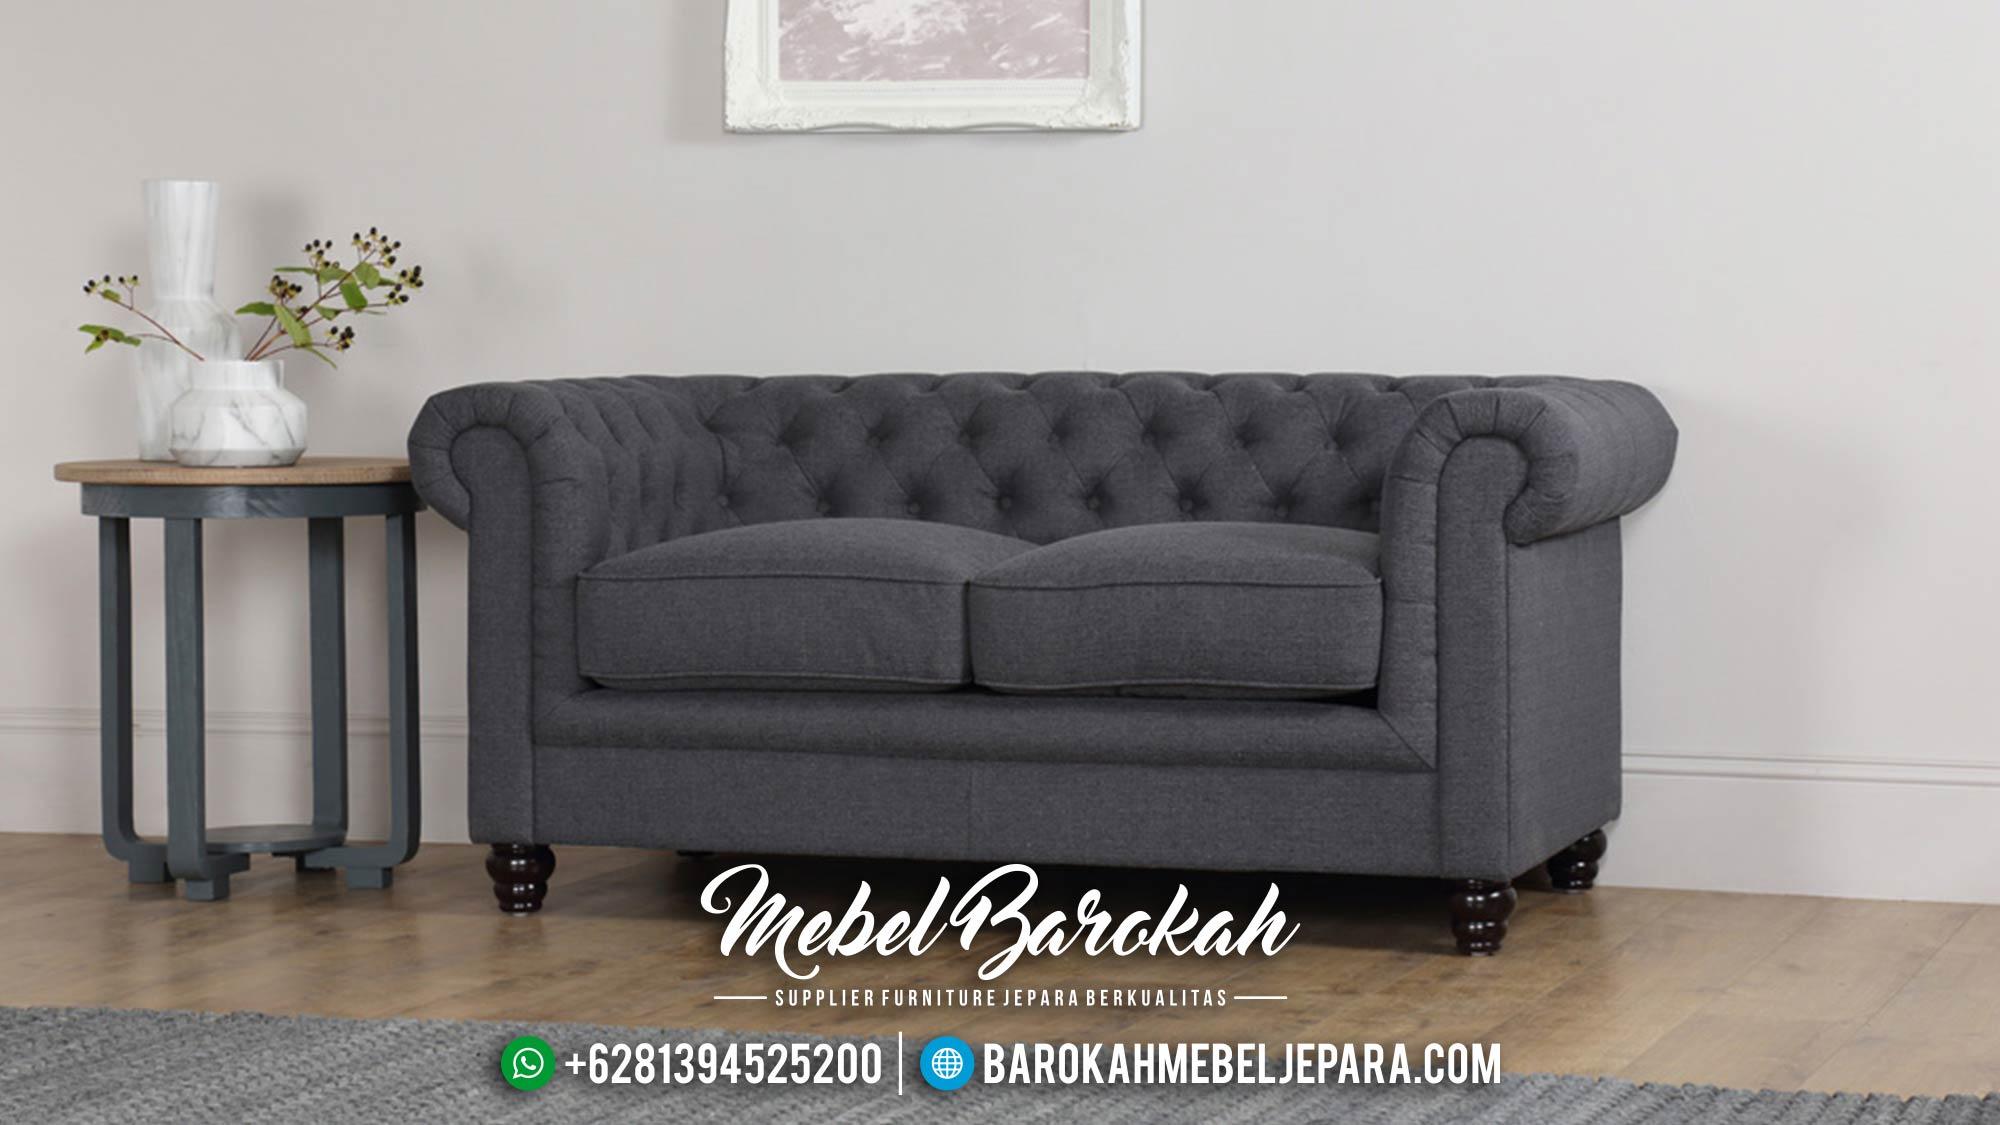 Jual 1 Set Sofa Tamu Mewah Minimalis Jepara Chesterfield MB-0020 Gambar 2